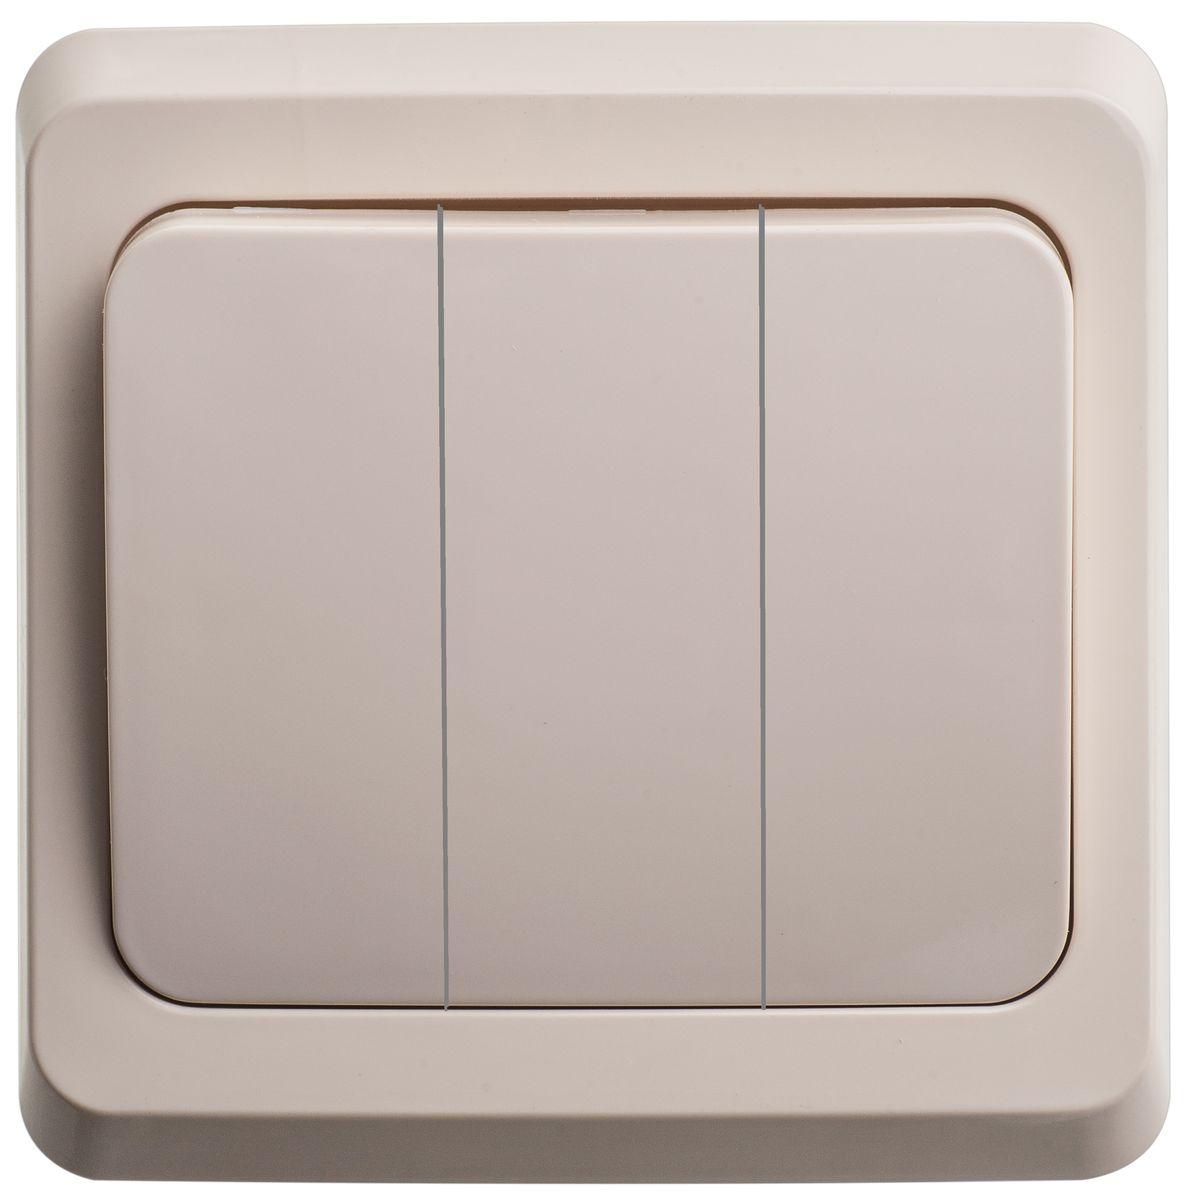 Выключатель Schneider Electric Этюд, тройной, цвет: кремовый. BC10-003BC10-003KТрехклавишный выключатель Schneider Electric Этюд предназначен для скрытой установки. Выполнен из высококачественного пластика. Изделие просто в установке, надежно в эксплуатации. Специальное покрытие не позволяет пыли собираться на поверхности. Такой выключатель станет удачным решением для дома и дачи. Функция выключателя: двухканальный. Тип контактов: 2 Н.О. Диапазон мощности: Номинальный ток: 250 В. Тип клемм: винтовые зажимы 2,5 мм2. Длина зачистки проводов: 11 мм. Степень защиты: IP20.